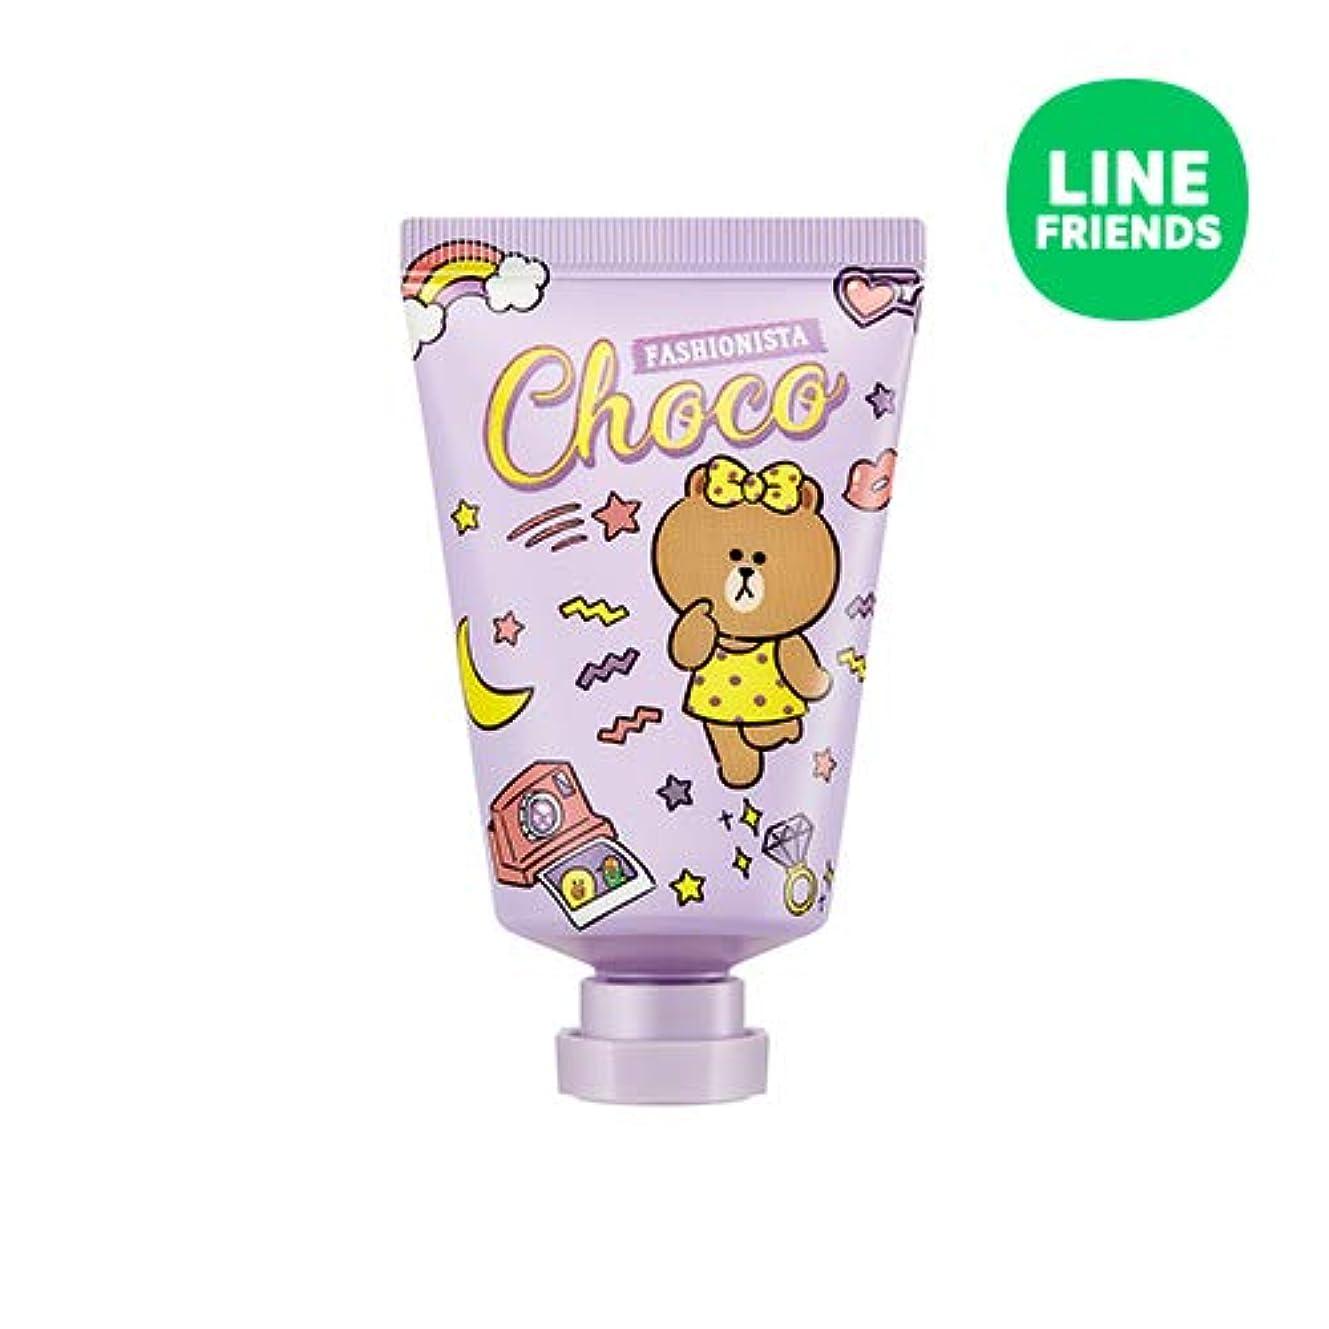 宙返り推進力承認ミシャ(ラインフレンズ)ラブシークレットハンドクリーム 30ml MISSHA [Line Friends Edition] Love Secret Hand Cream - Choco # Pitch Cocktail...